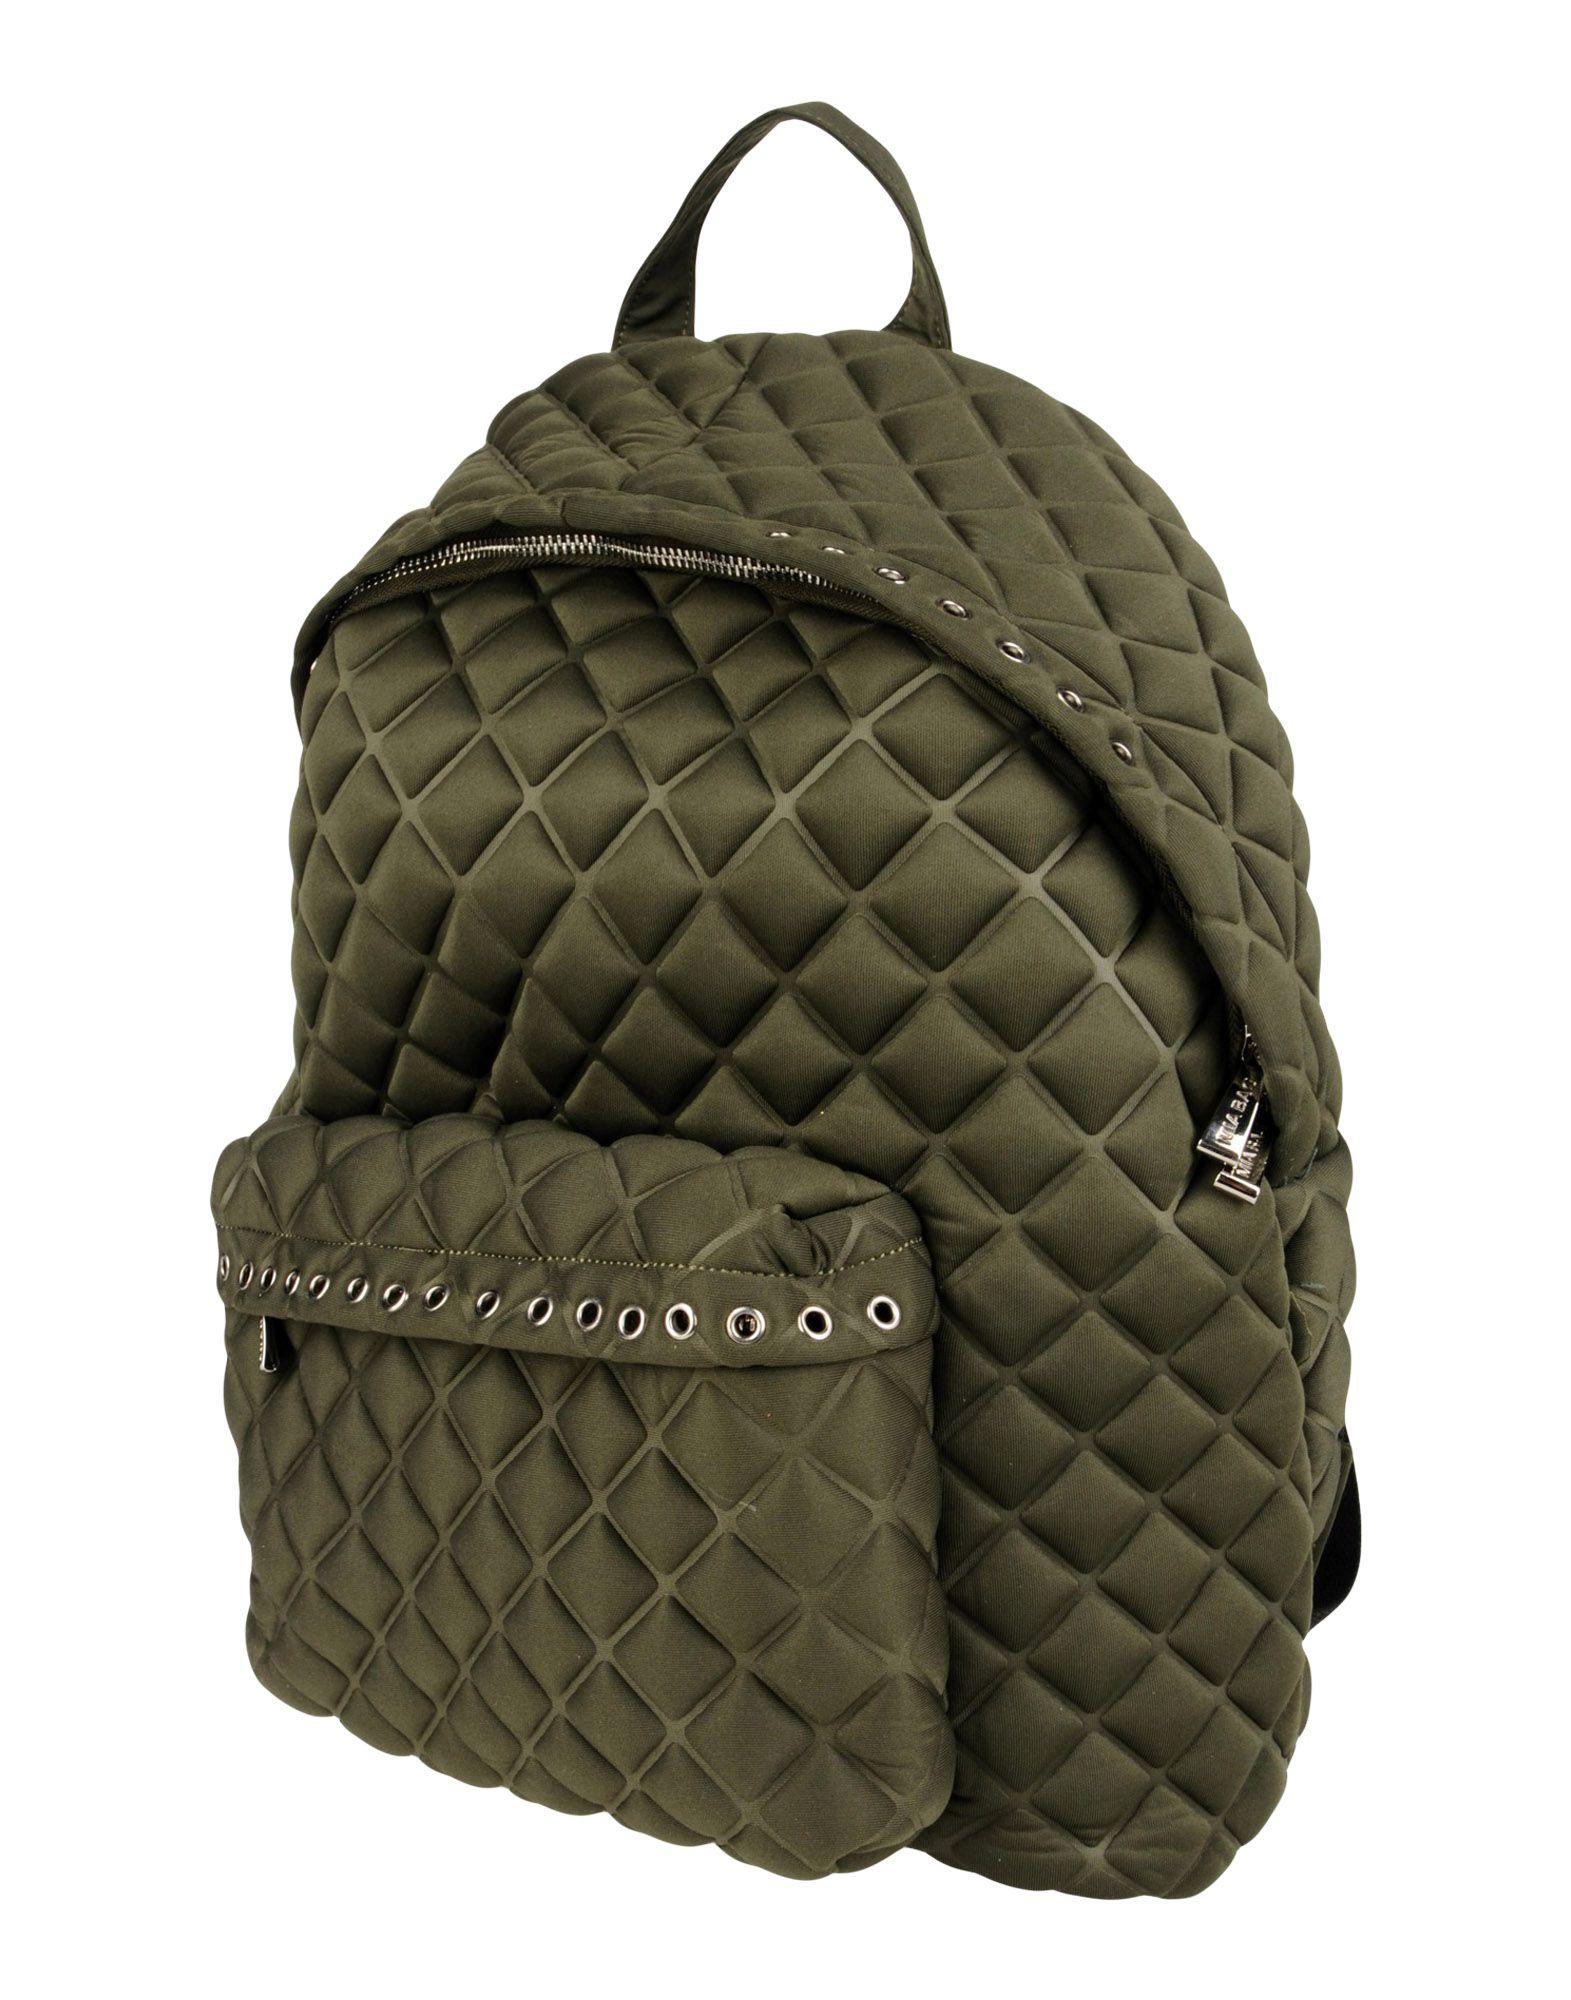 Zaini & Marsupi Mia Bag Donna - Acquista online su